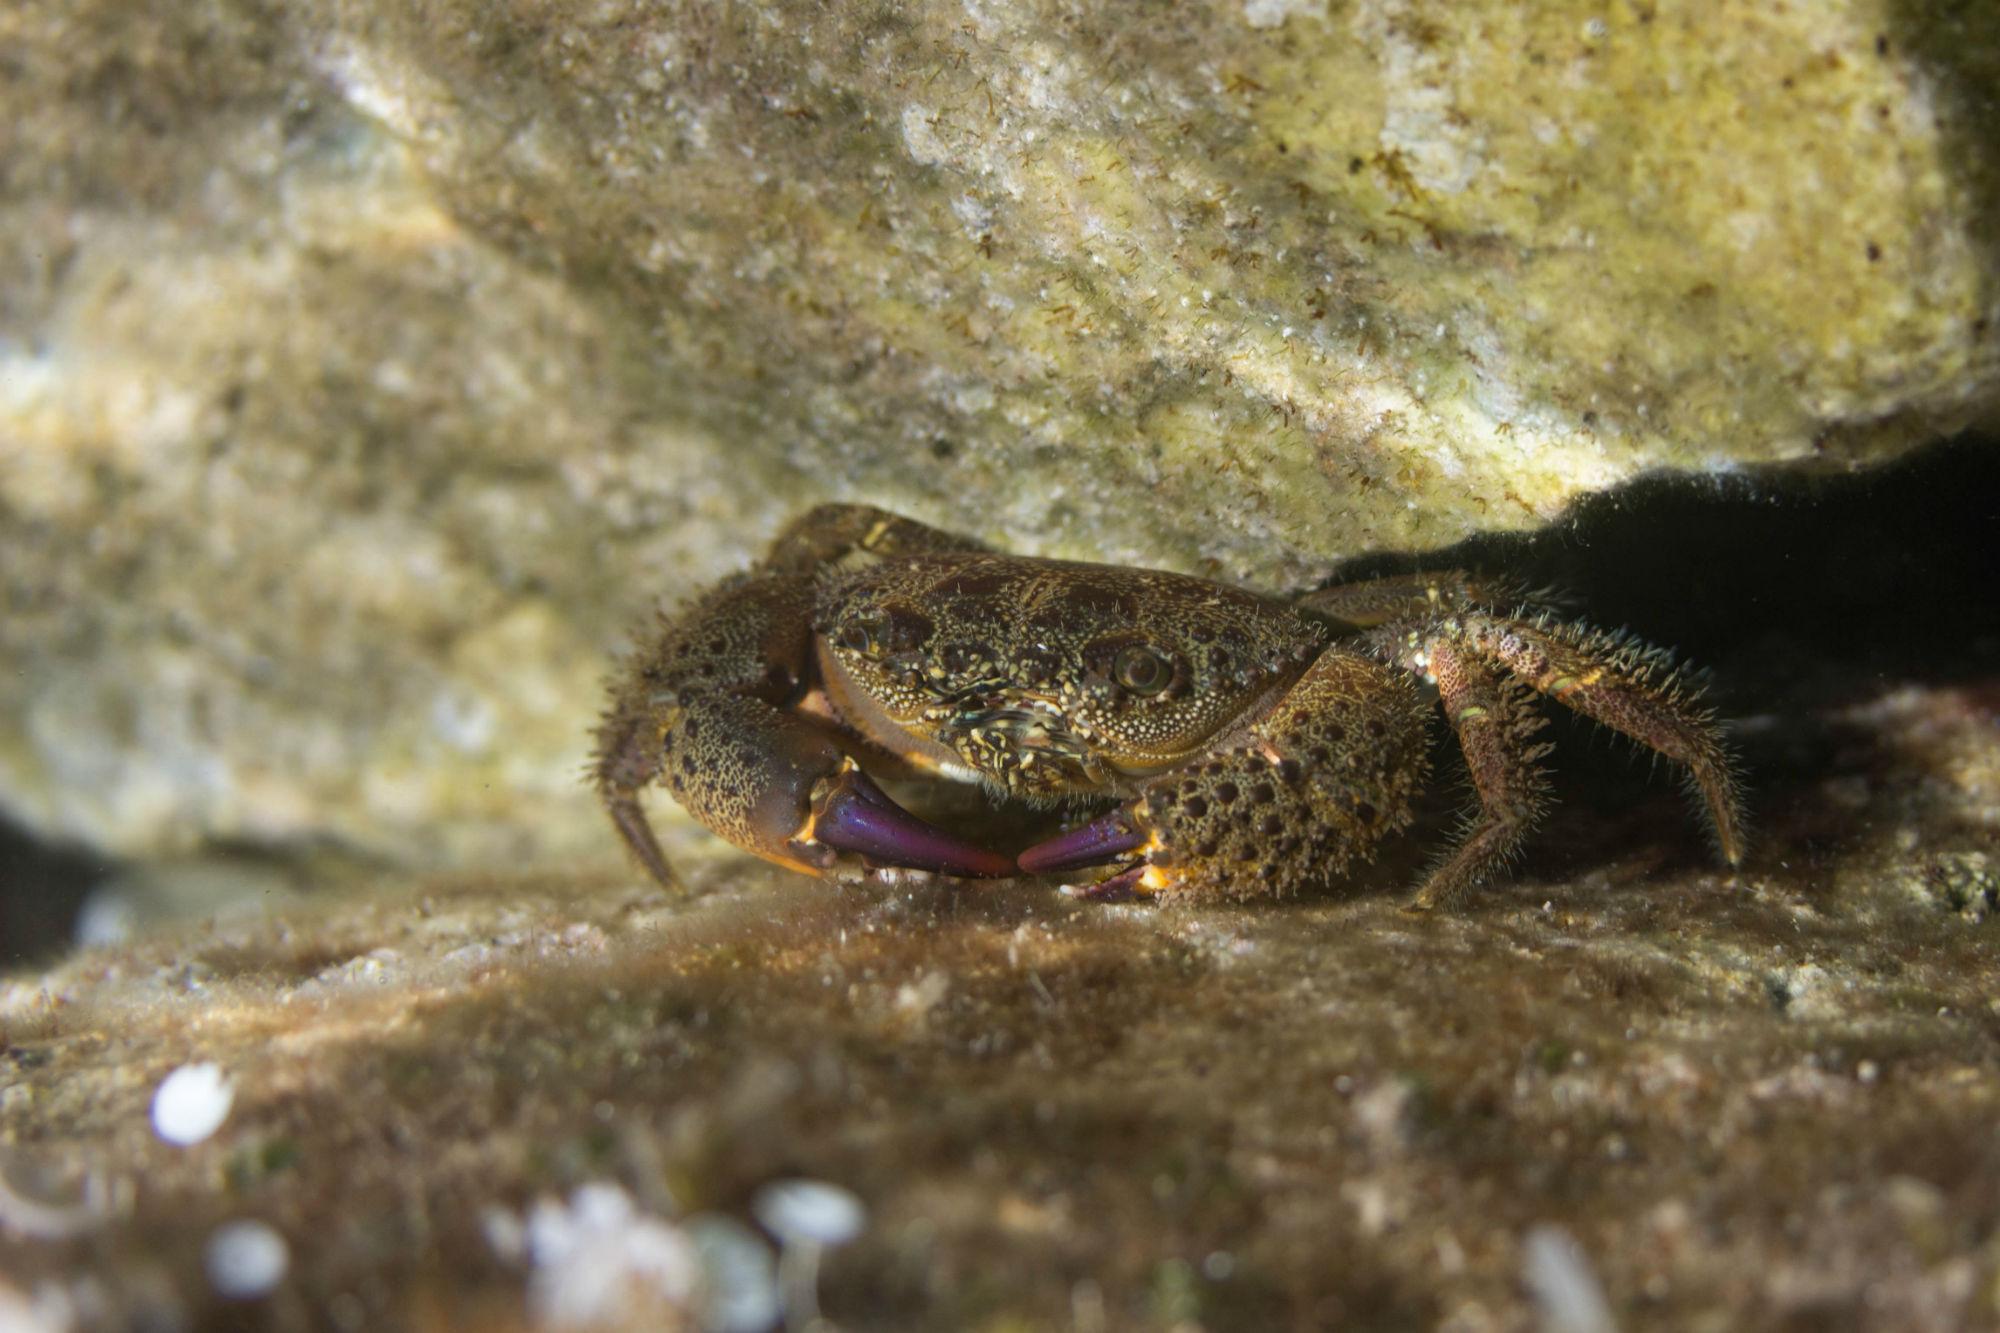 A Purple Clawed Crab In Dalmatia Croatia